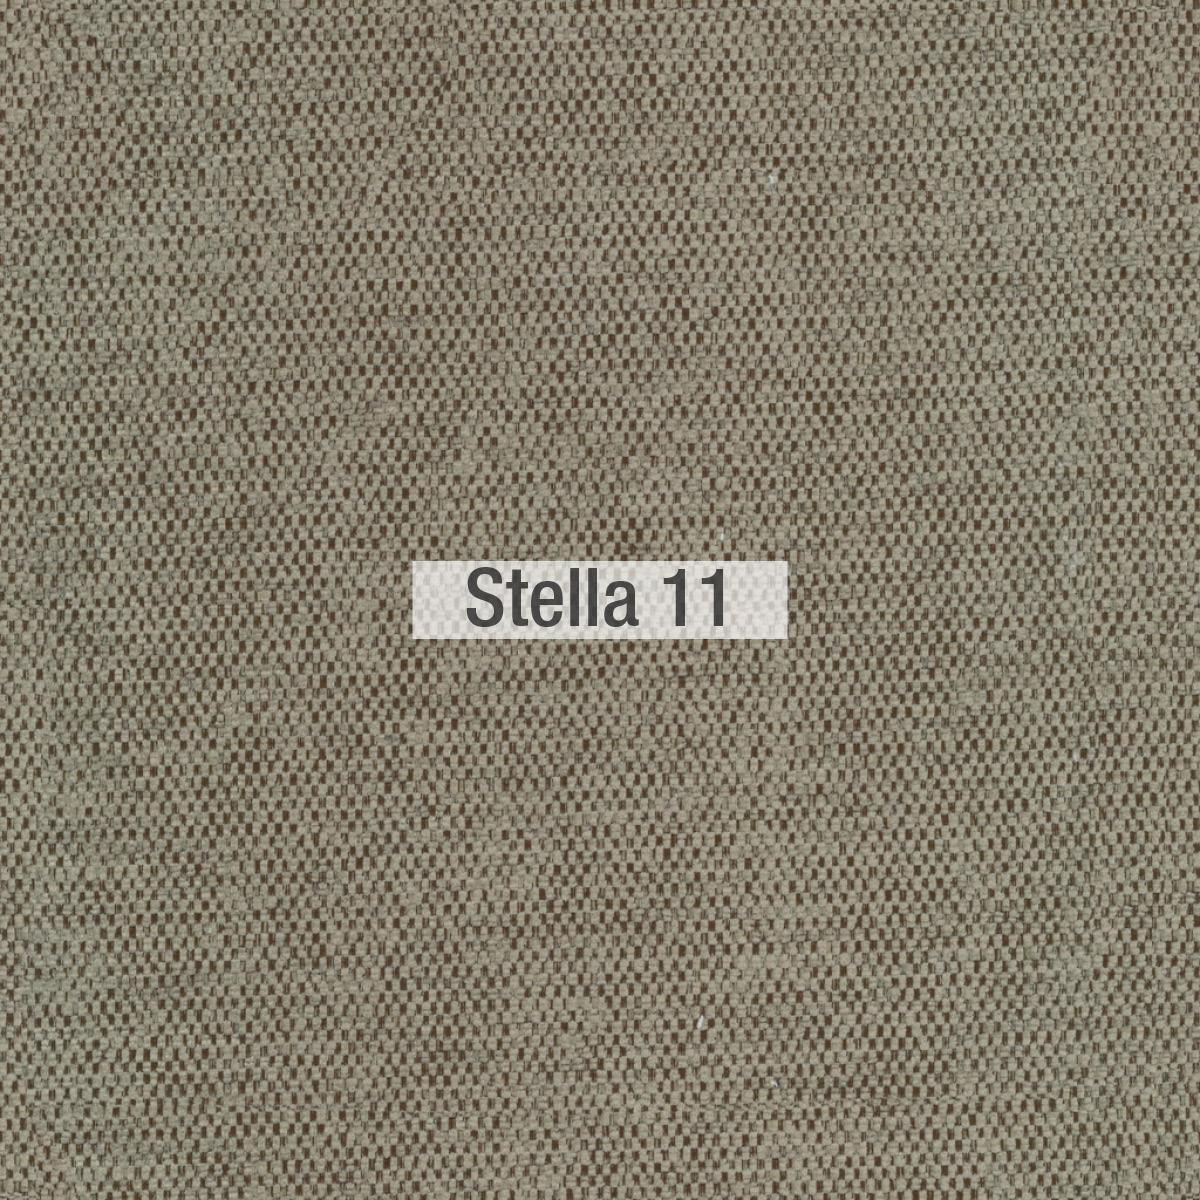 Colores Stella-Dots tela Fama 2020 02